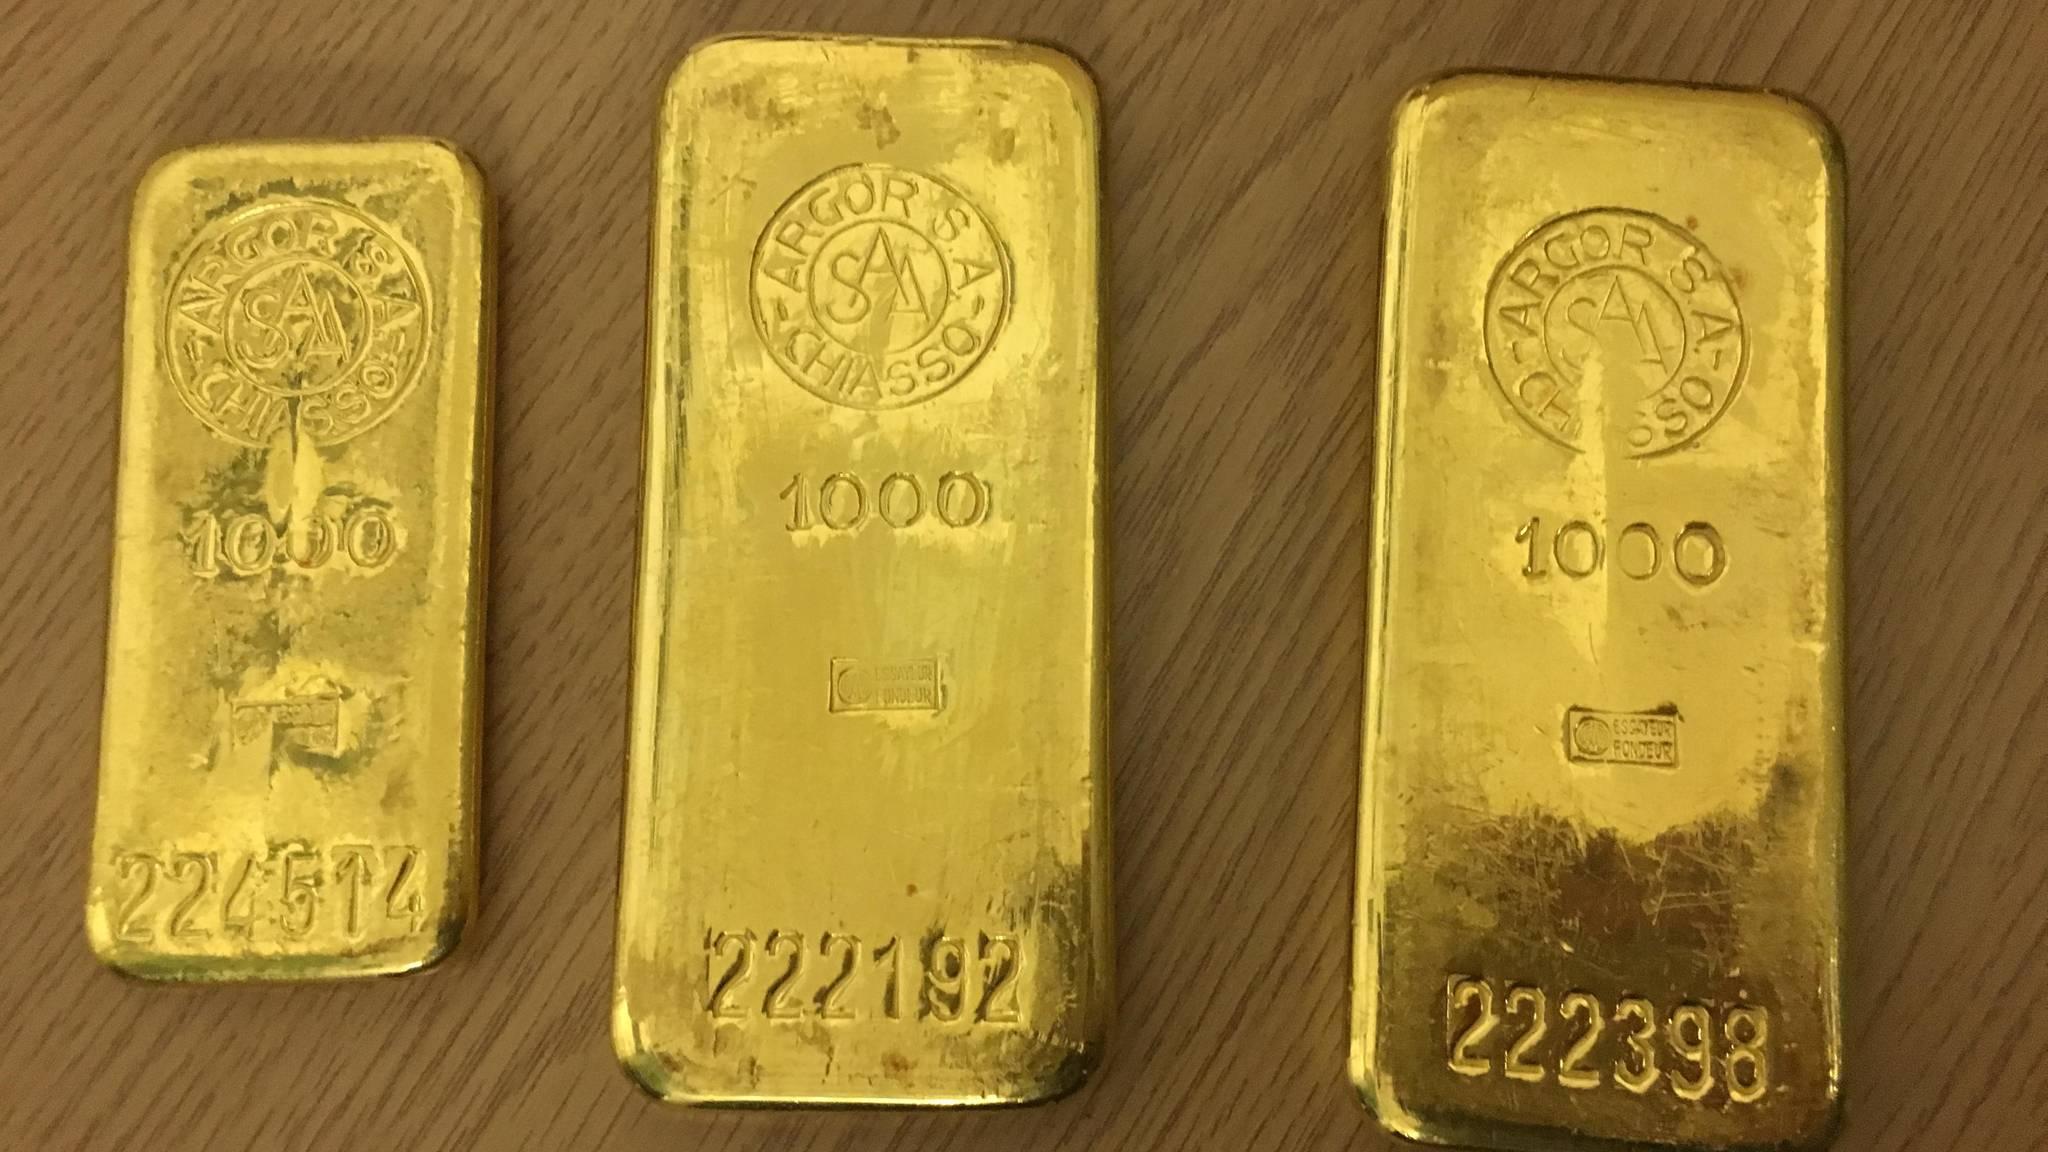 Отнес в бюро находок: немец нашел 2 кг золота в старом шкафу